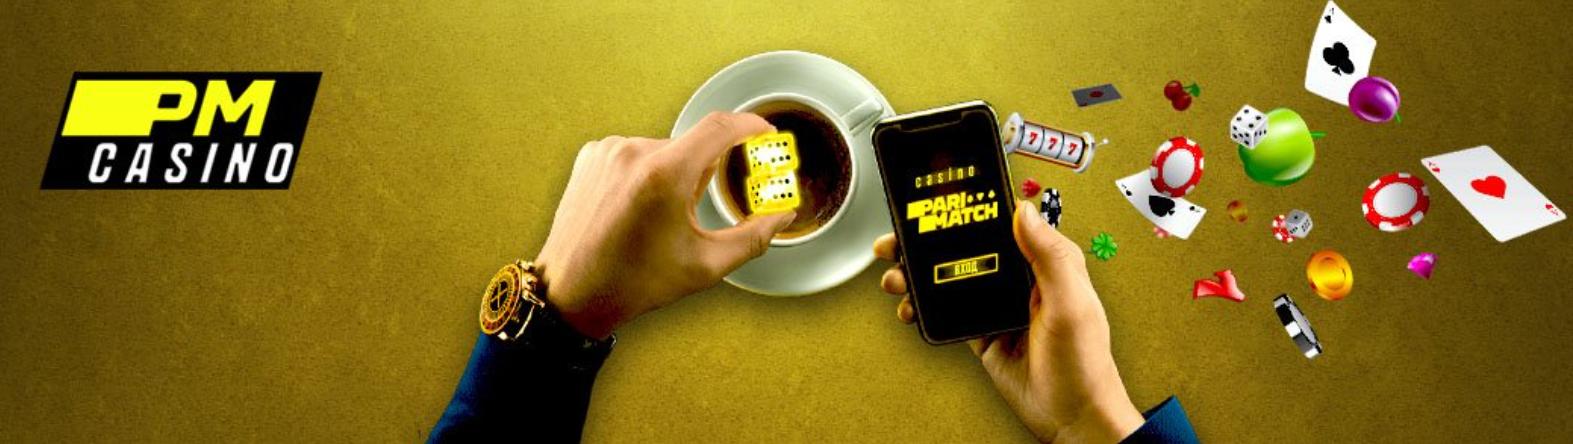 Pari Match Casino for Android